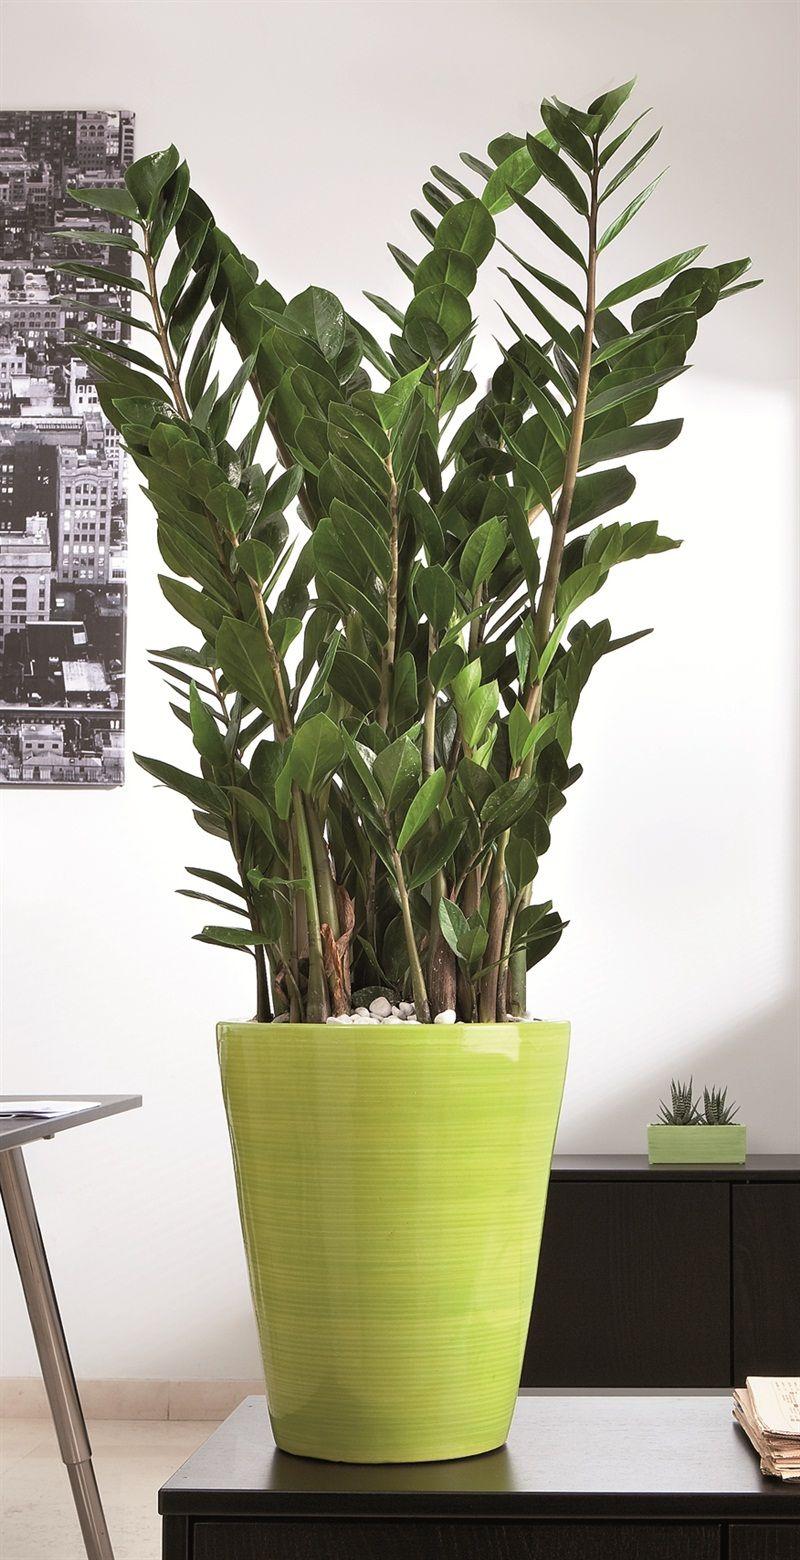 Pianta Da Ufficio Poca Luce arredare con le piante nel 2020 (con immagini) | arredare